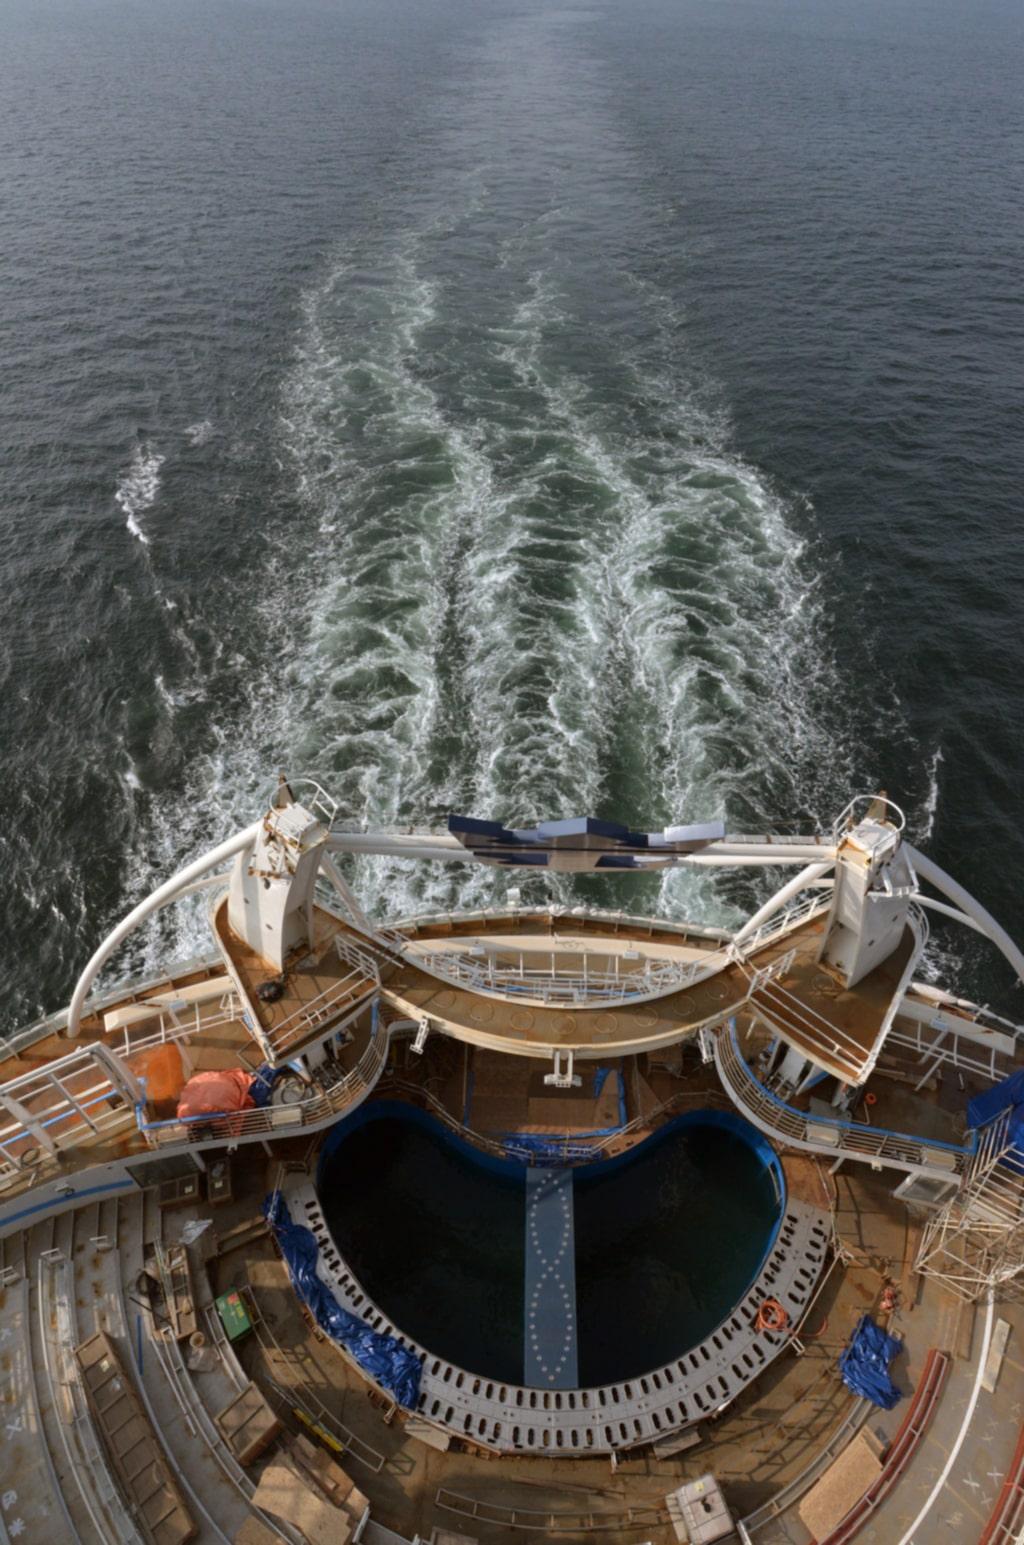 I sommar kan svenskar resa med fartyget. Då startar Fritidsresor resor som omfattar flyg till Barcelona och därpå Medelhavskryssning med Harmony Of The Seas.